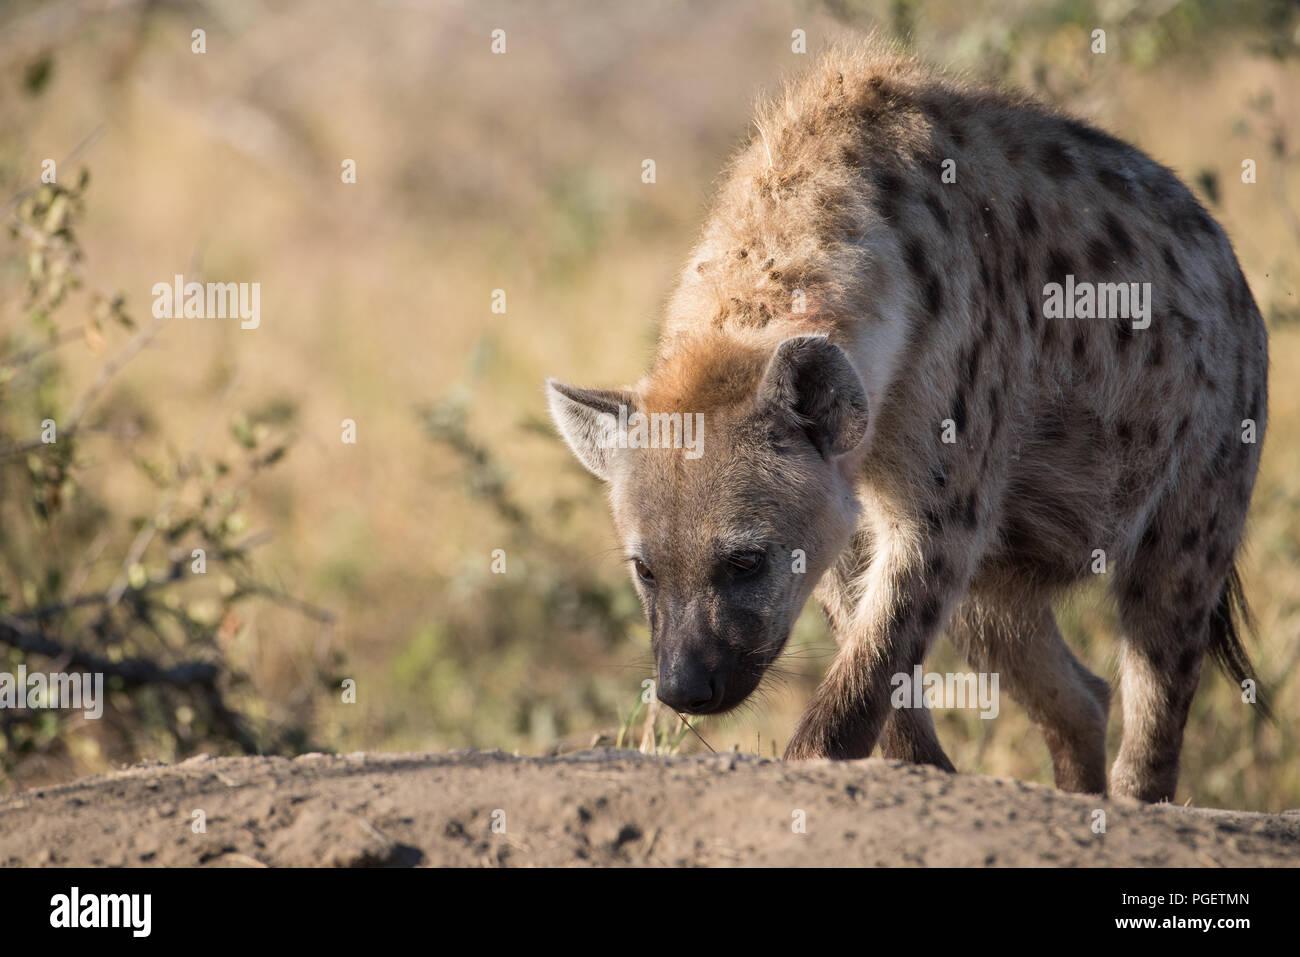 Vista frontale di Spotted Hyena camminando con la testa rivolta verso il basso è che odora di terra. Immagini Stock